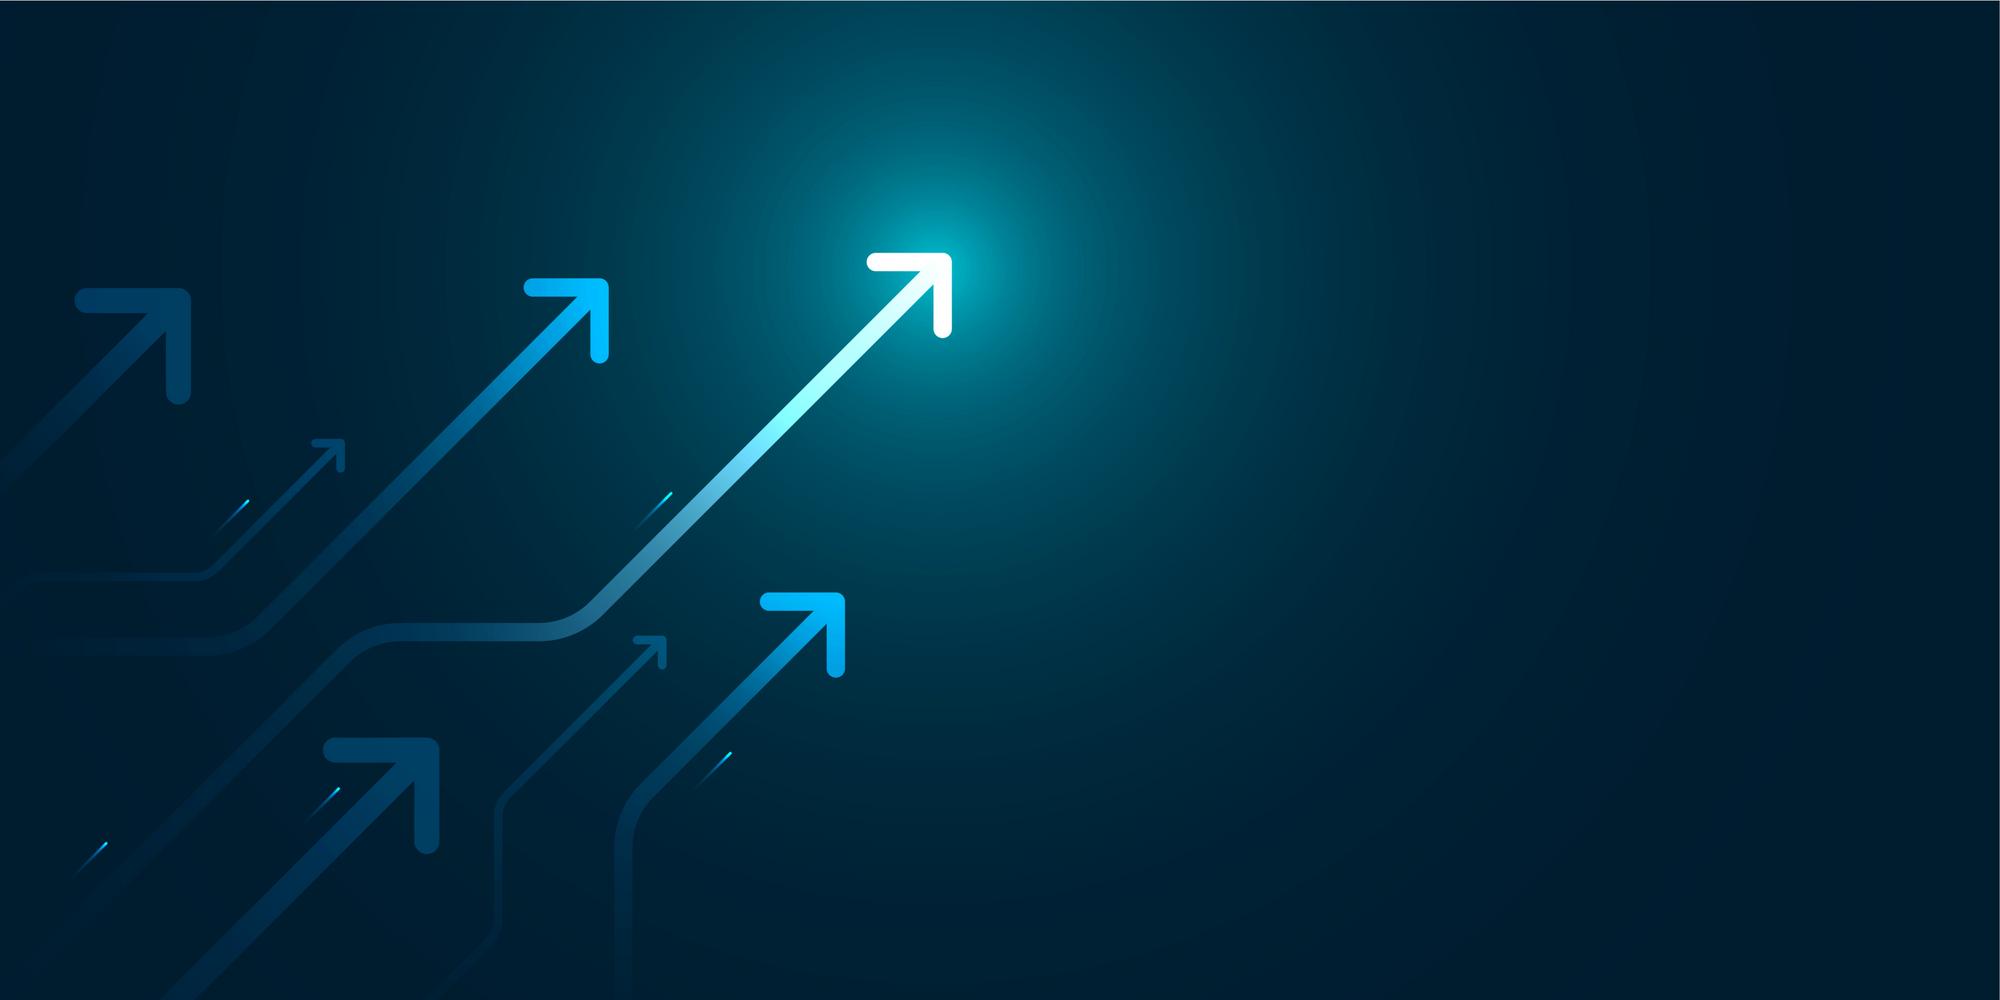 """El impacto en el """"bottom line"""" de los procesadores de pagos y tiendas online que cobran tarifas variables por transacción."""